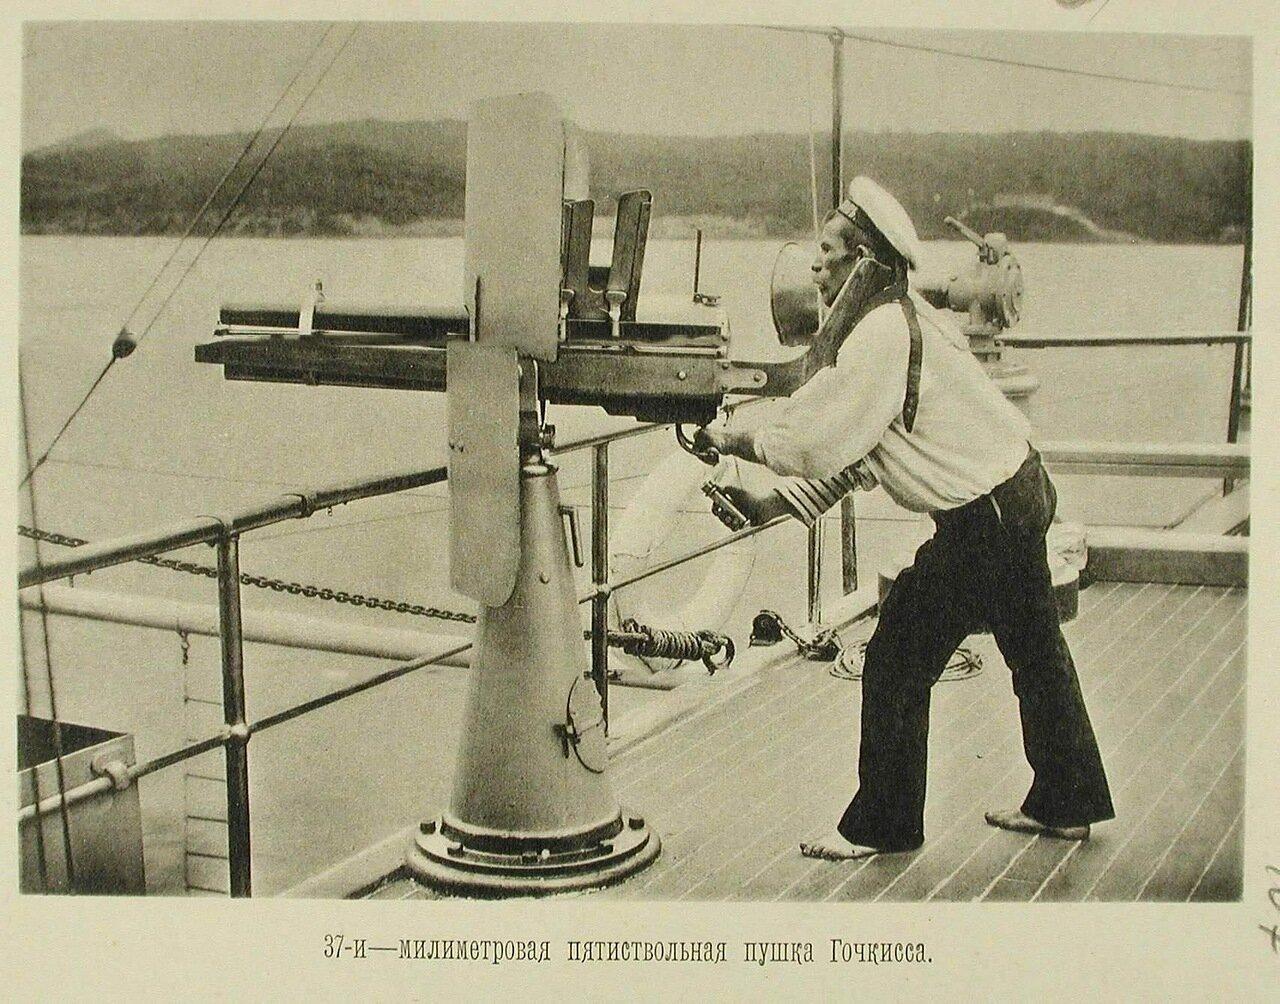 107. Матрос у 37-ми миллиметровой пятиствольной пушки Гочкисса,установленной на палубе одного из крейсеров